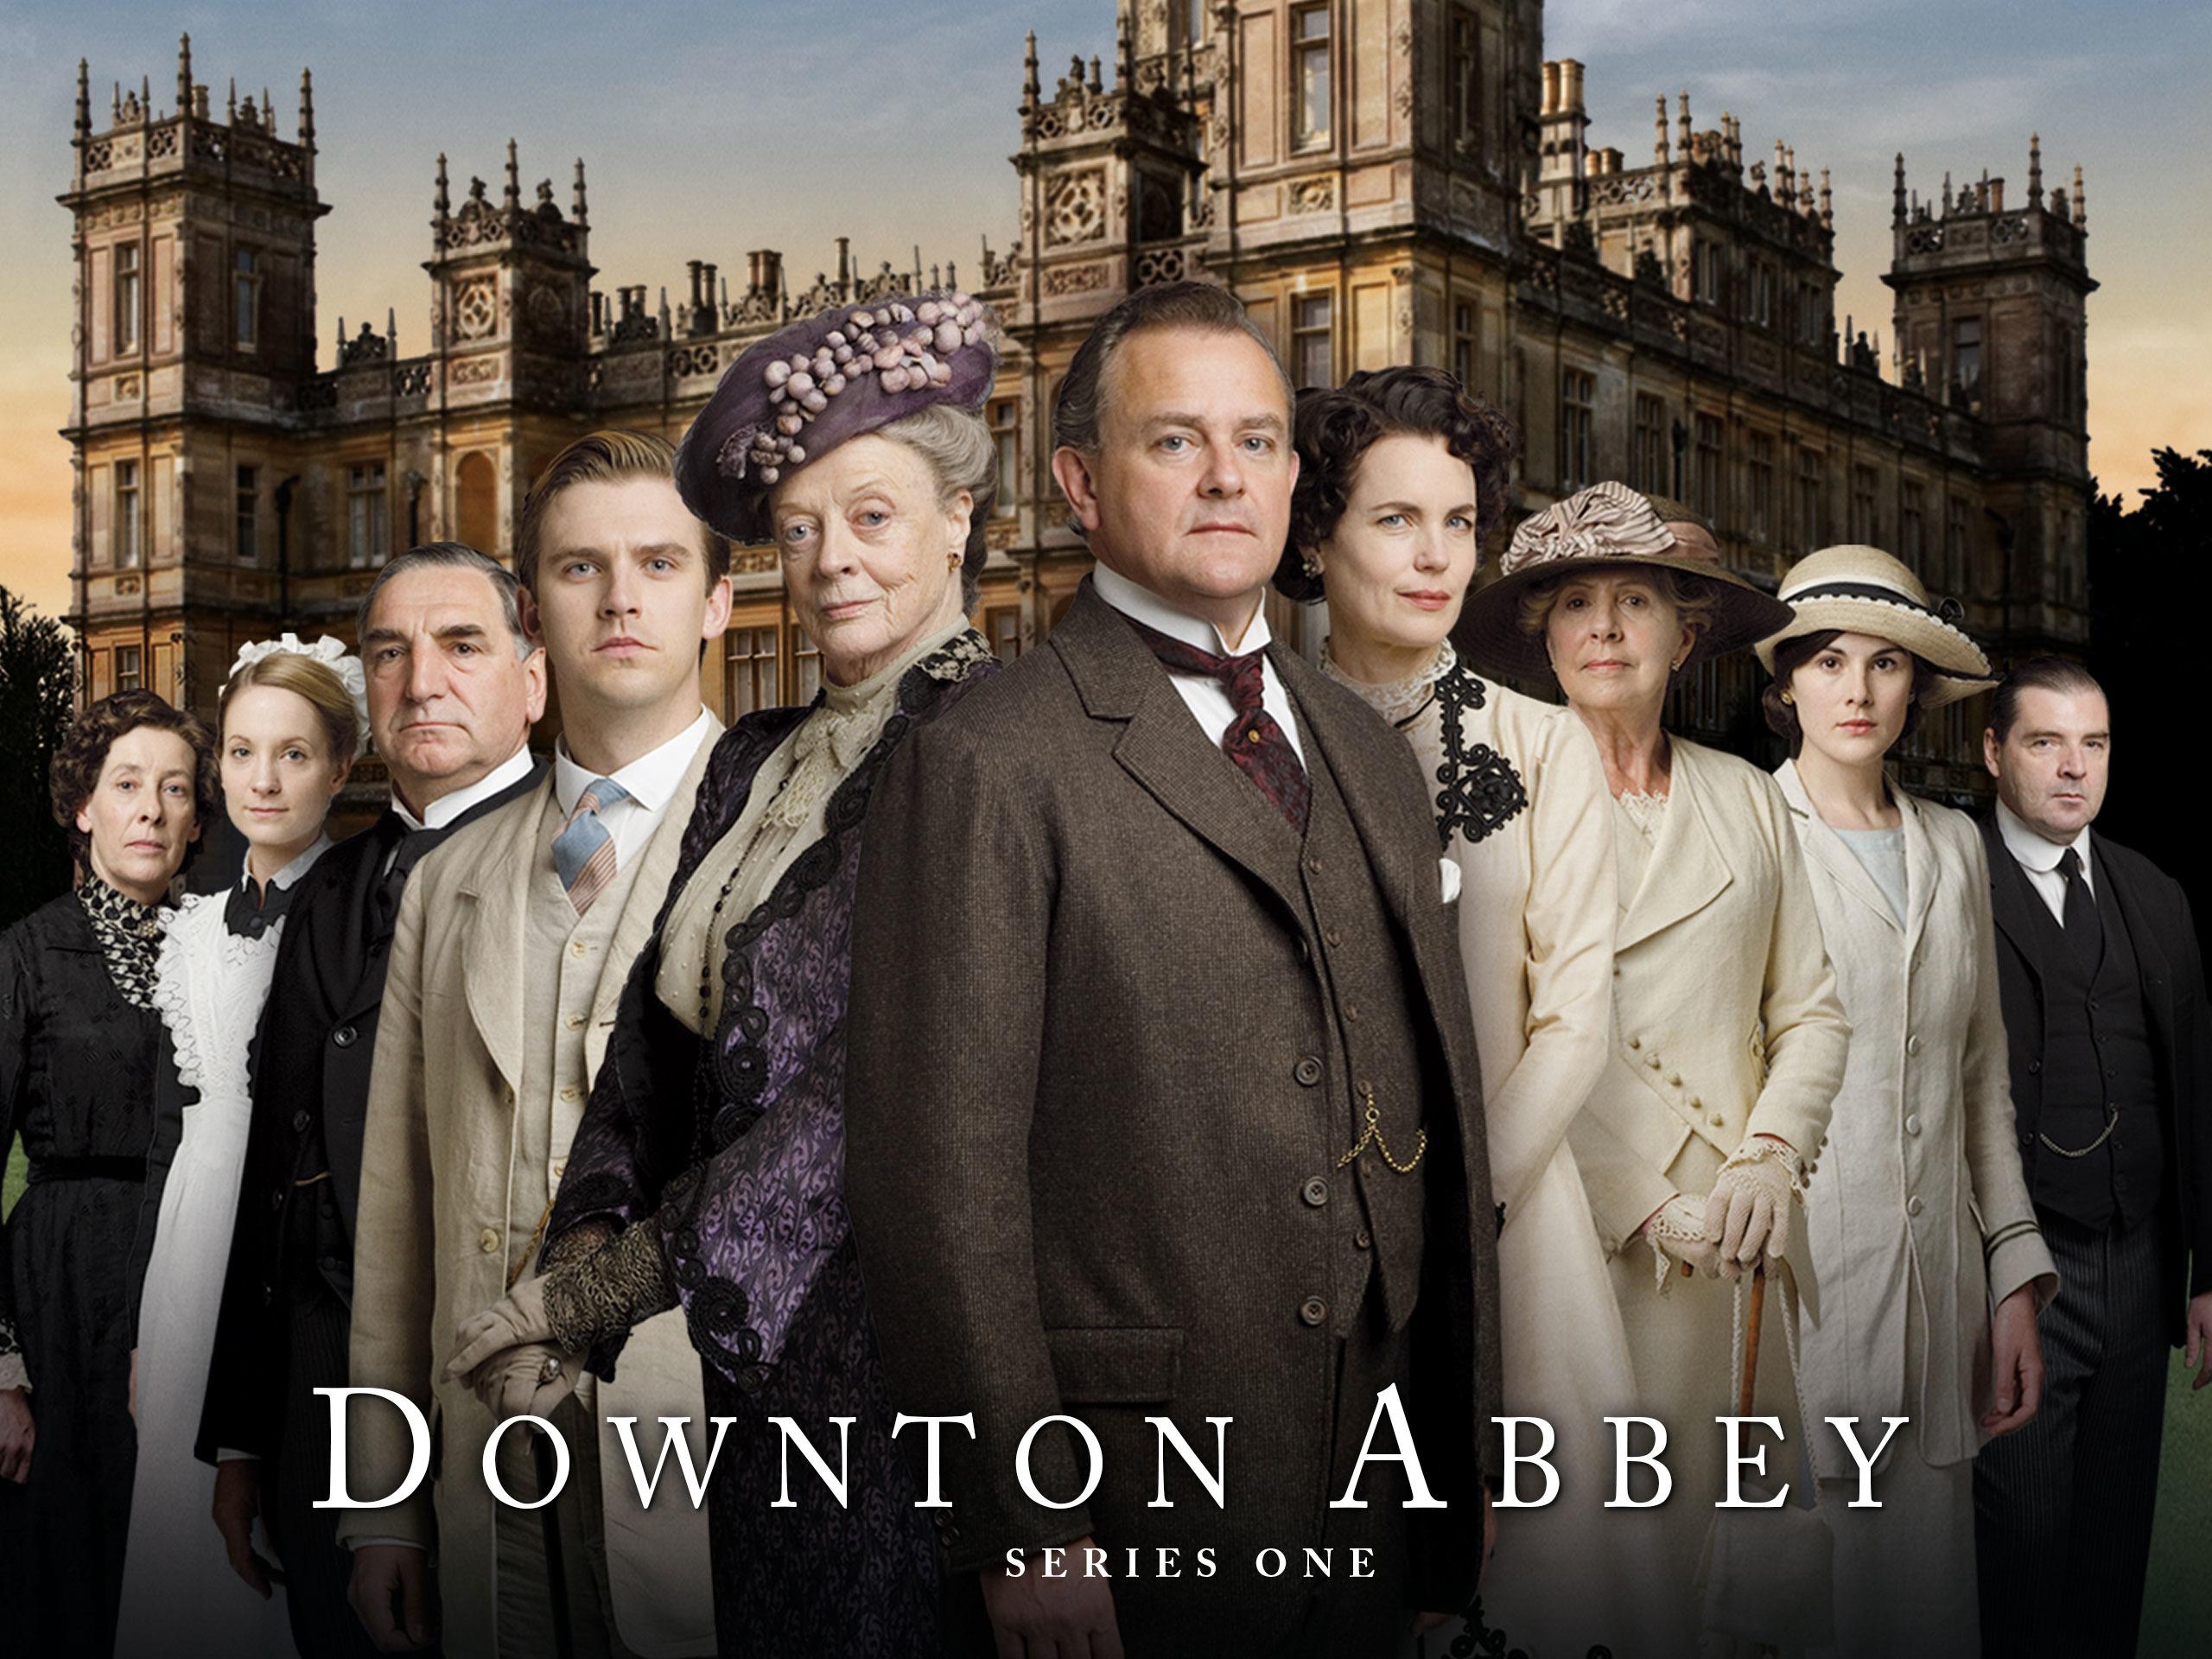 Prime Video: Downton Abbey - Season 1